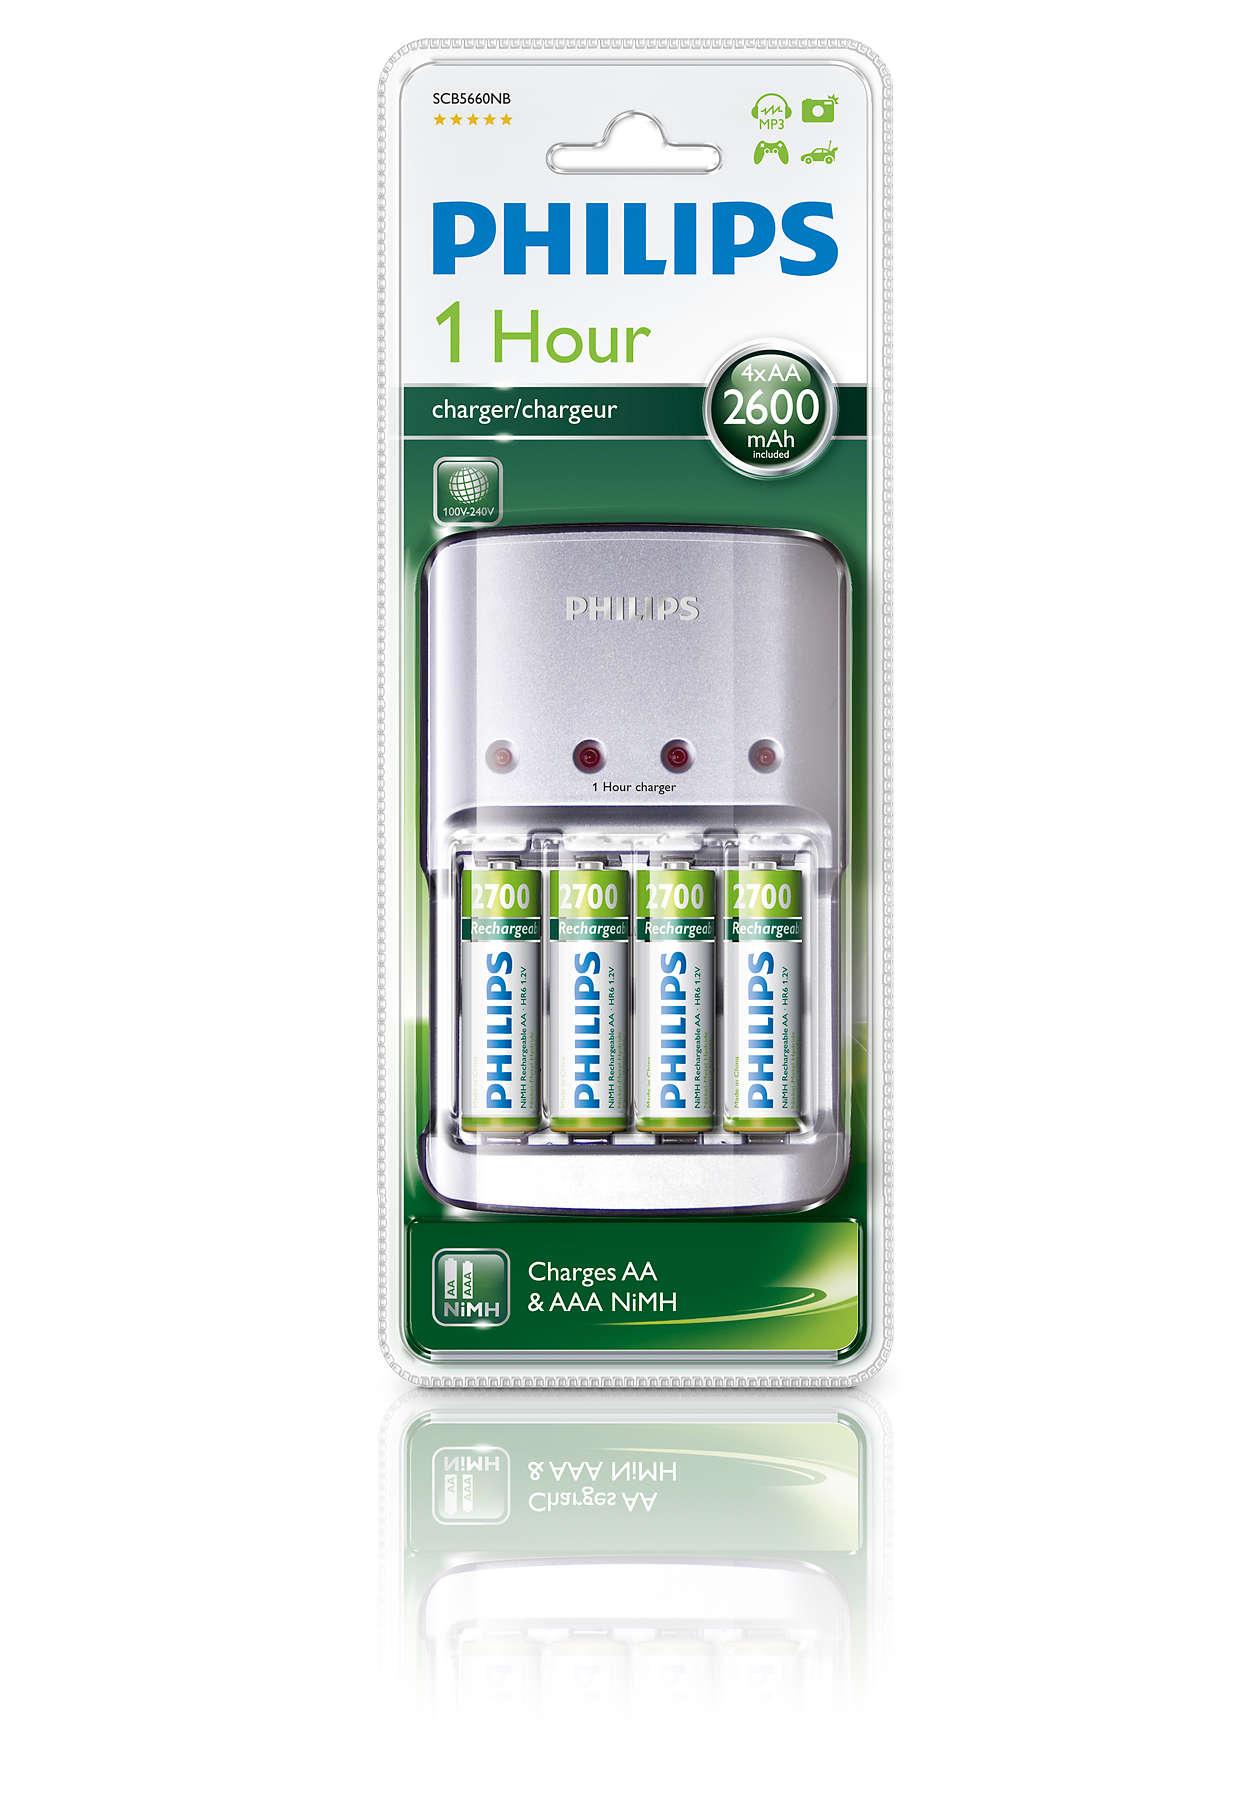 Πλήρης φόρτιση 2 έως 4 μπαταριών AA/AAA σε 1 ώρα